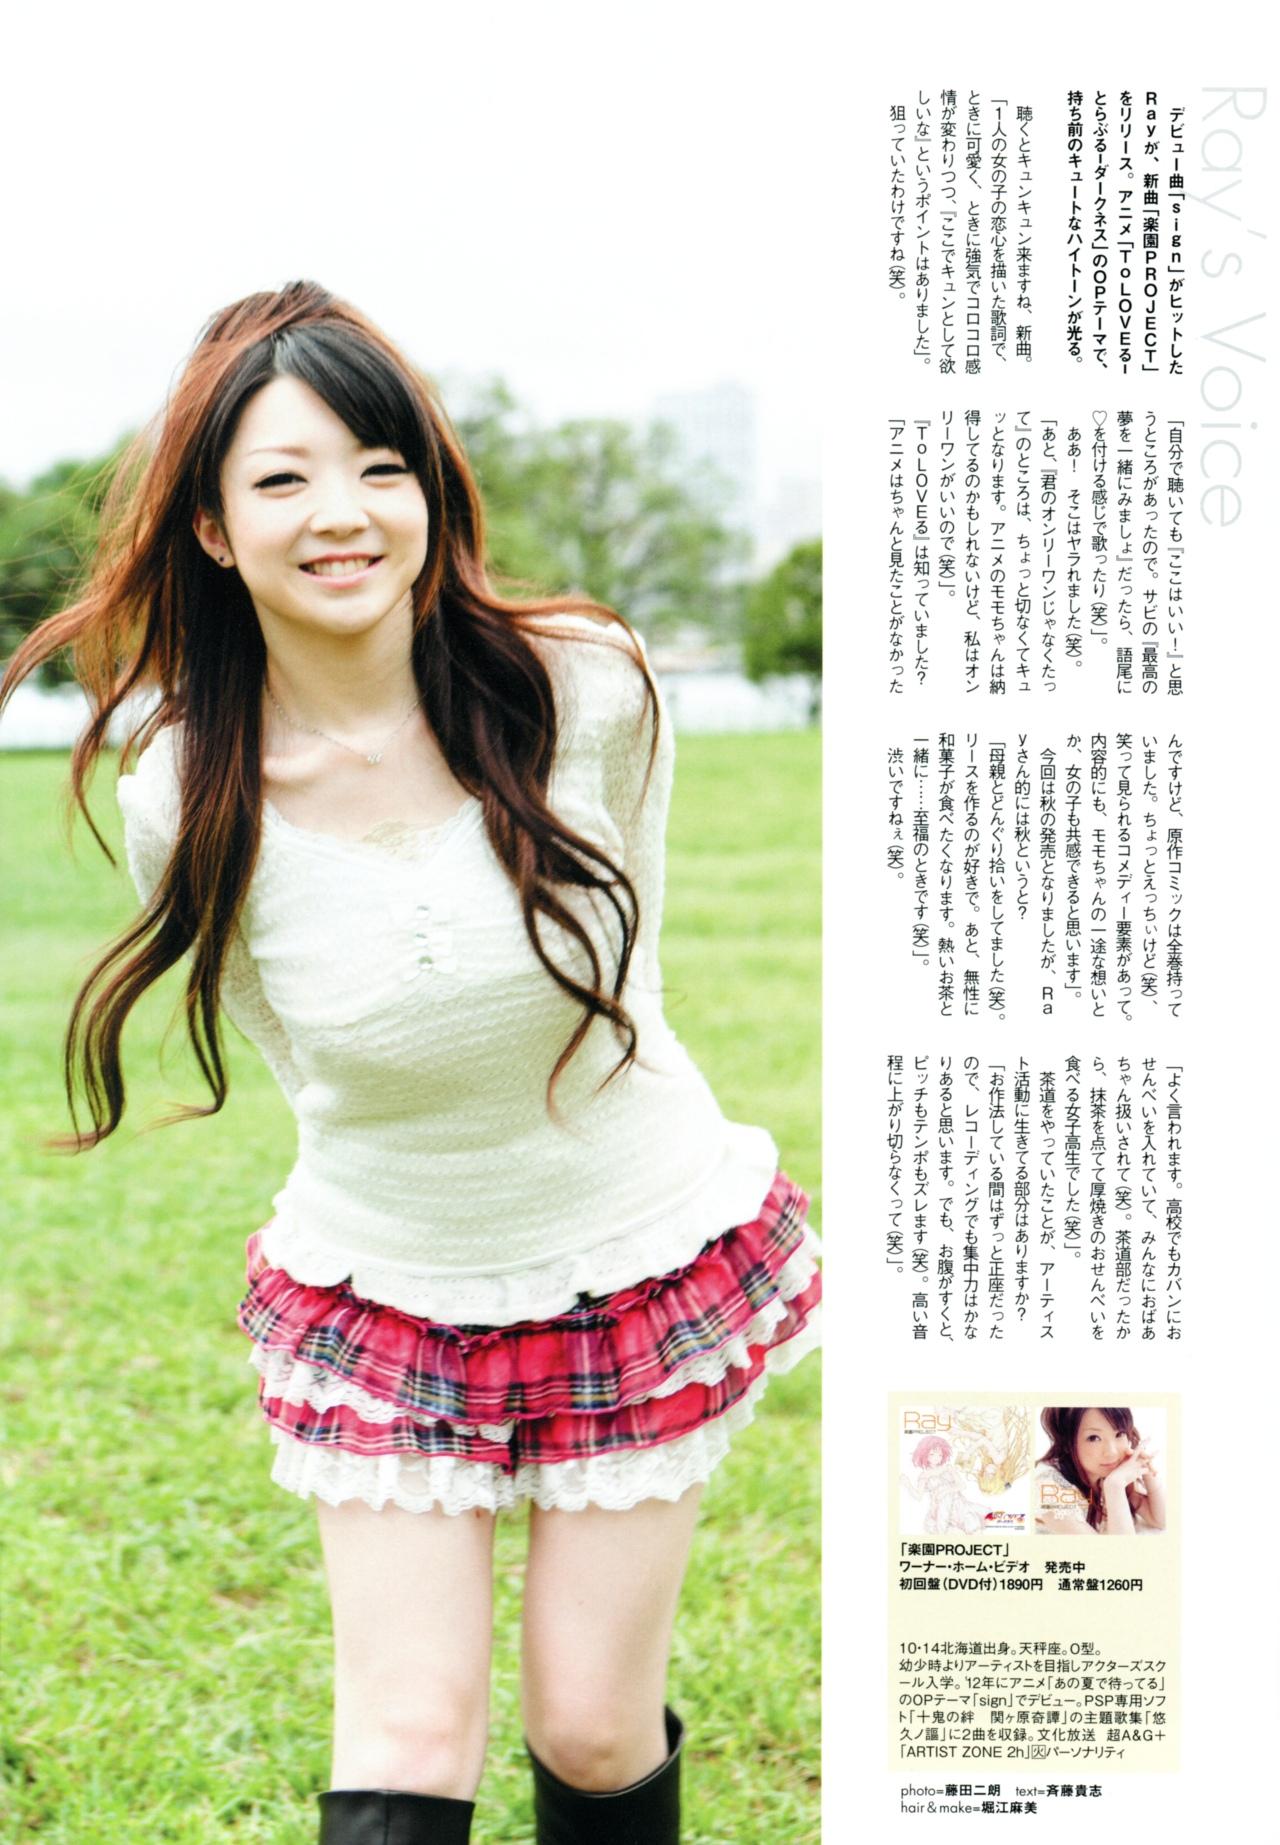 가수 Ray씨의 사진이 몇장 더 추가로 올라왔군요.